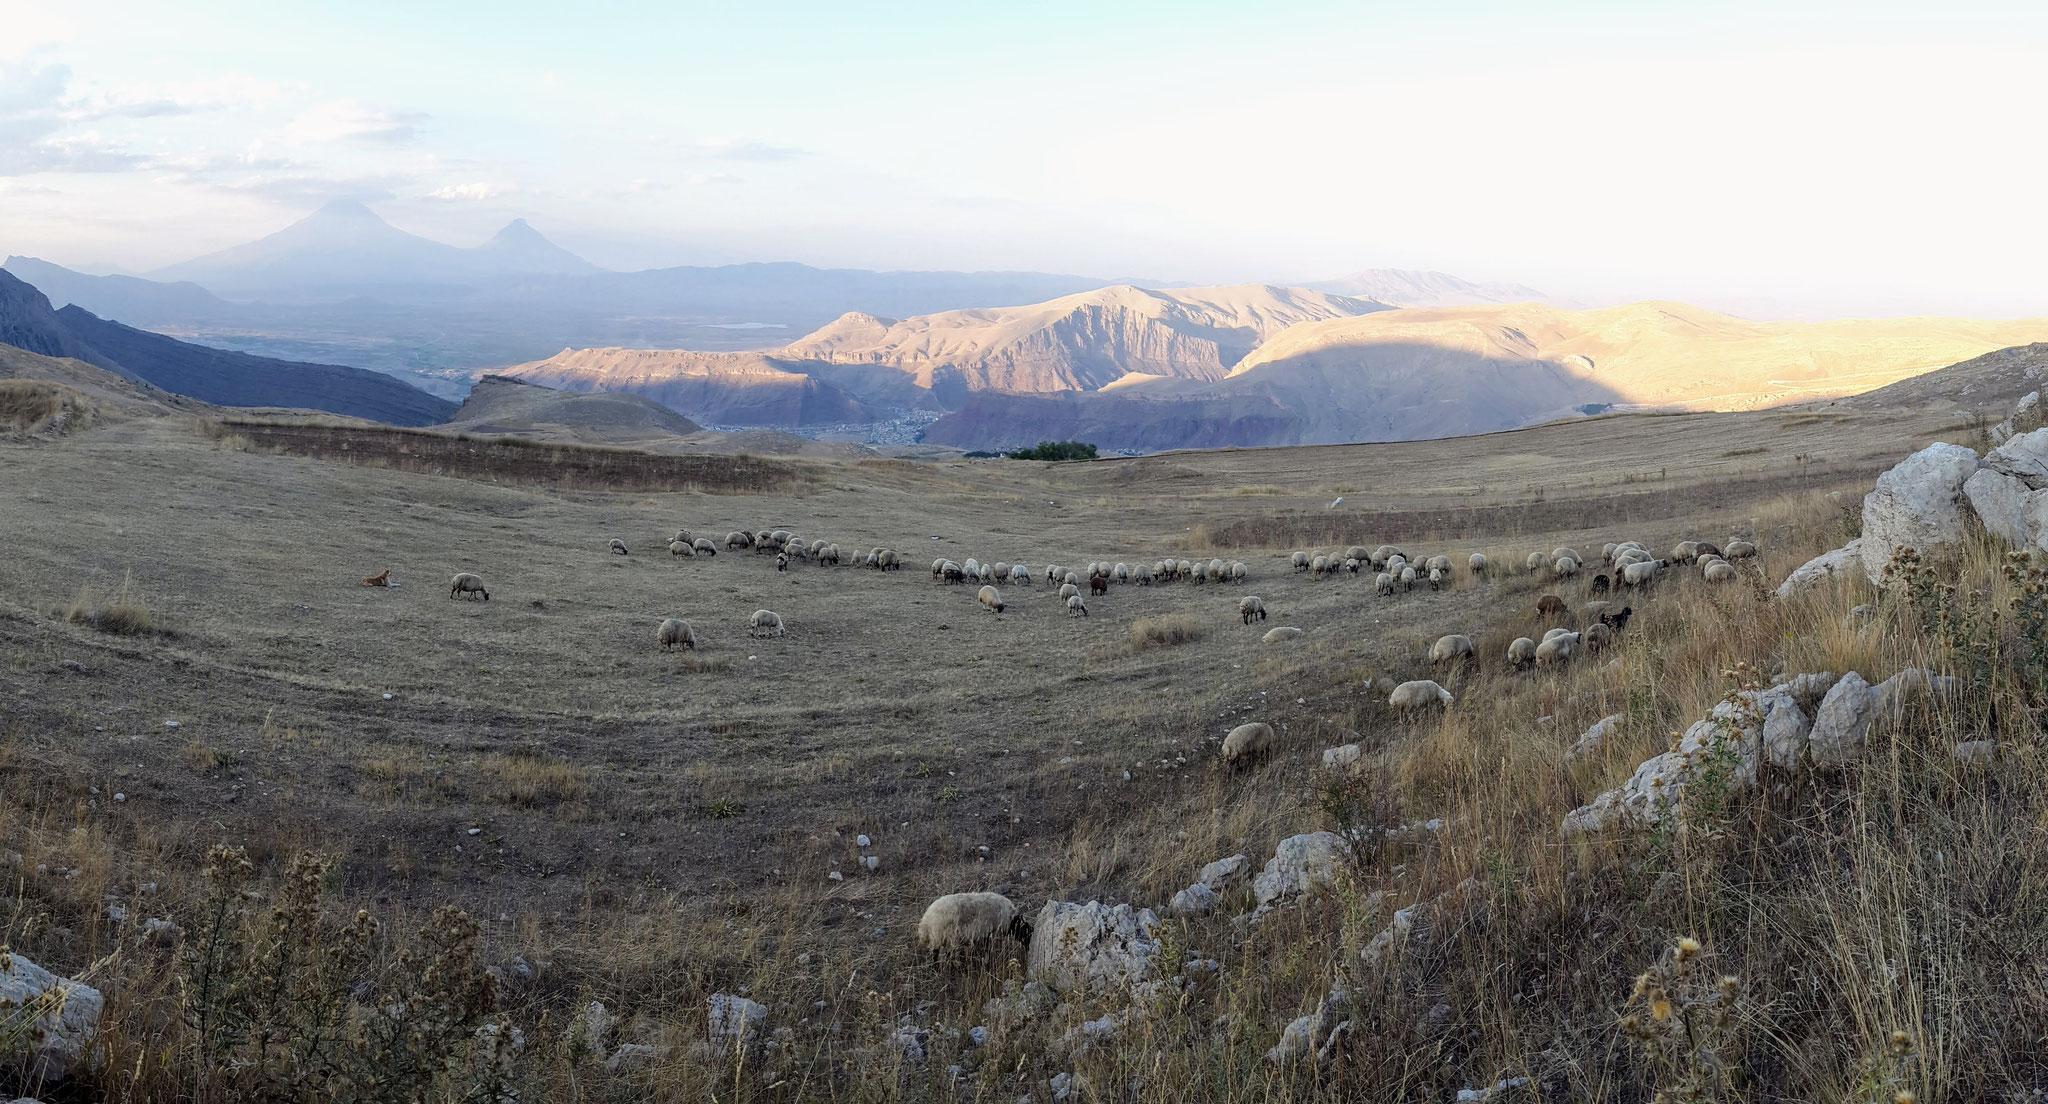 Blick auf den Ararat von der iranischen Seite aus